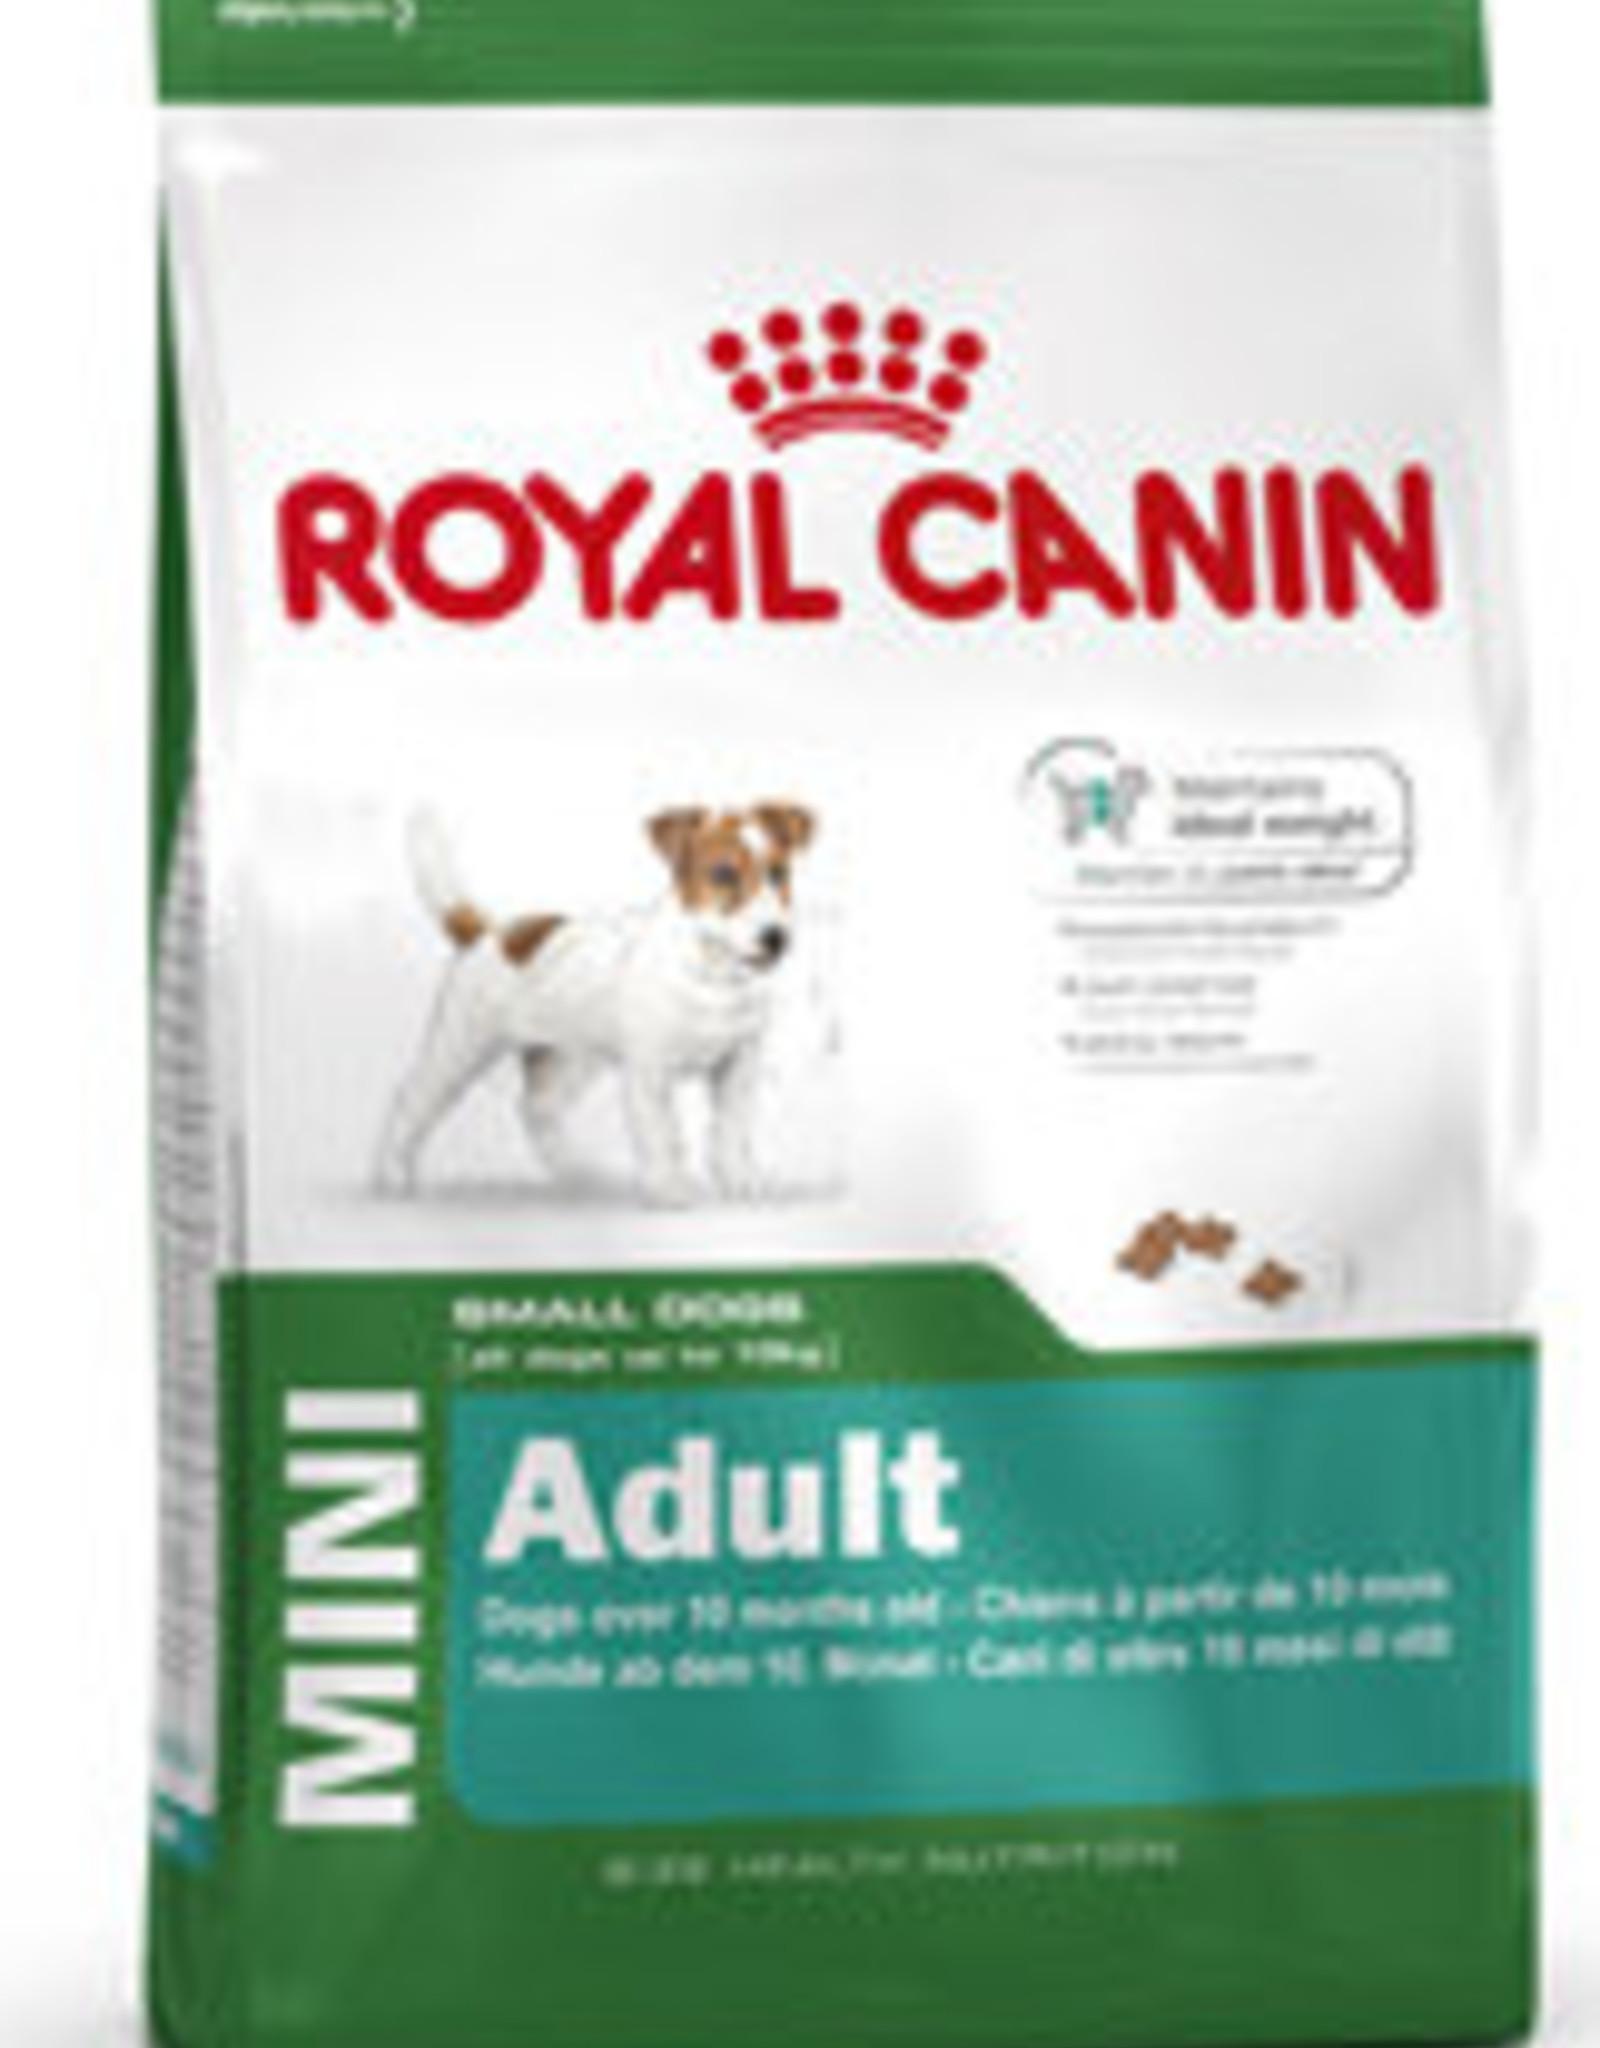 Royal Canin Royal Canin Shn Mini Adult Dog 8kg